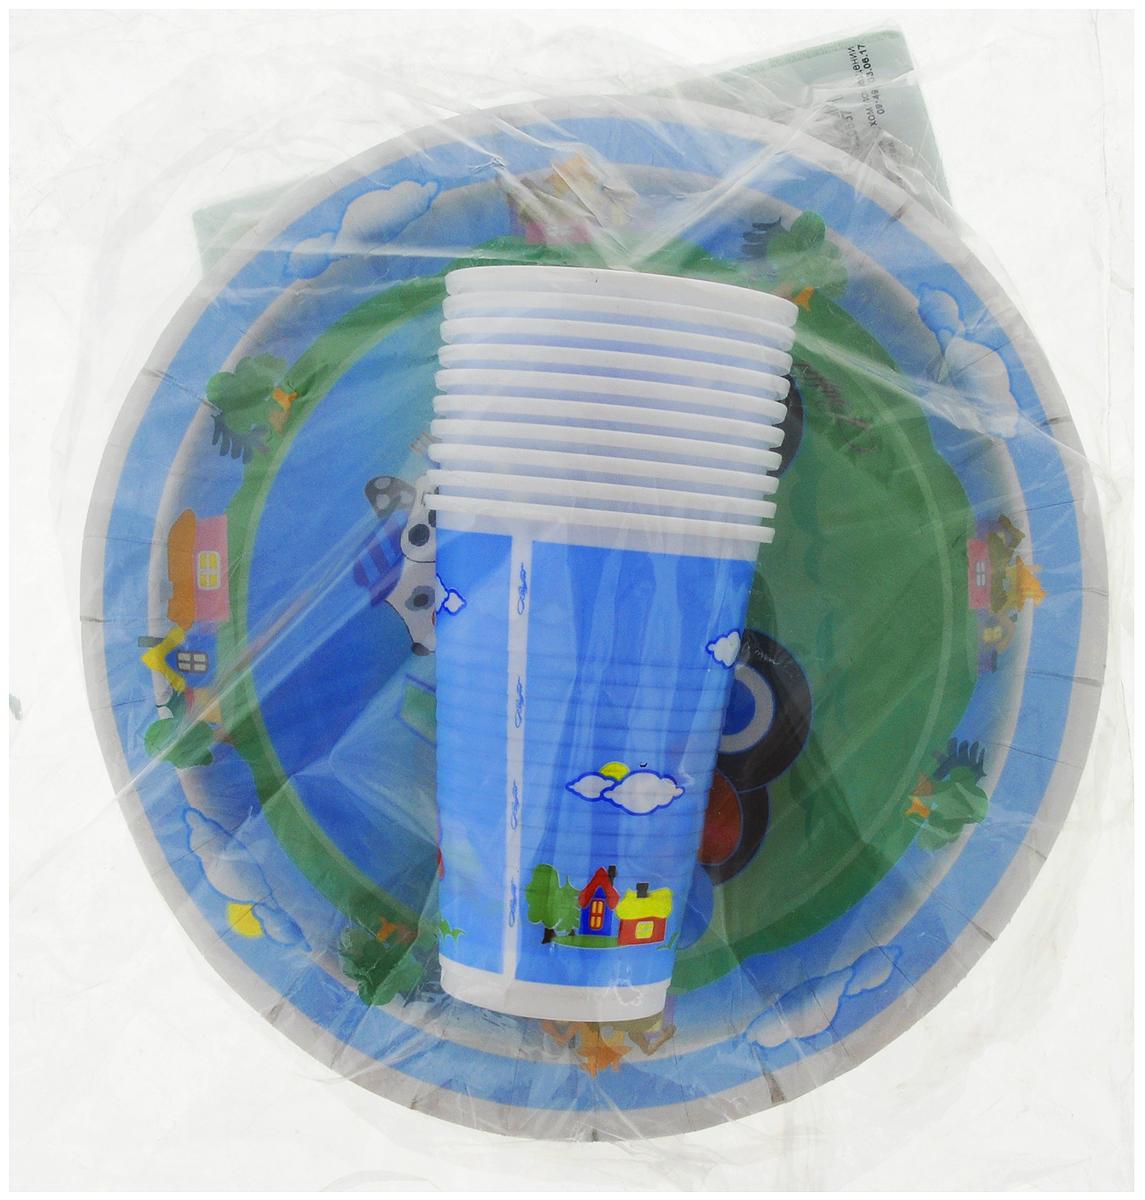 Набор одноразовой посуды Мистерия Детский, цвет: голубой, 40 предметов набор одноразовых ножей мистерия компакт 100 шт